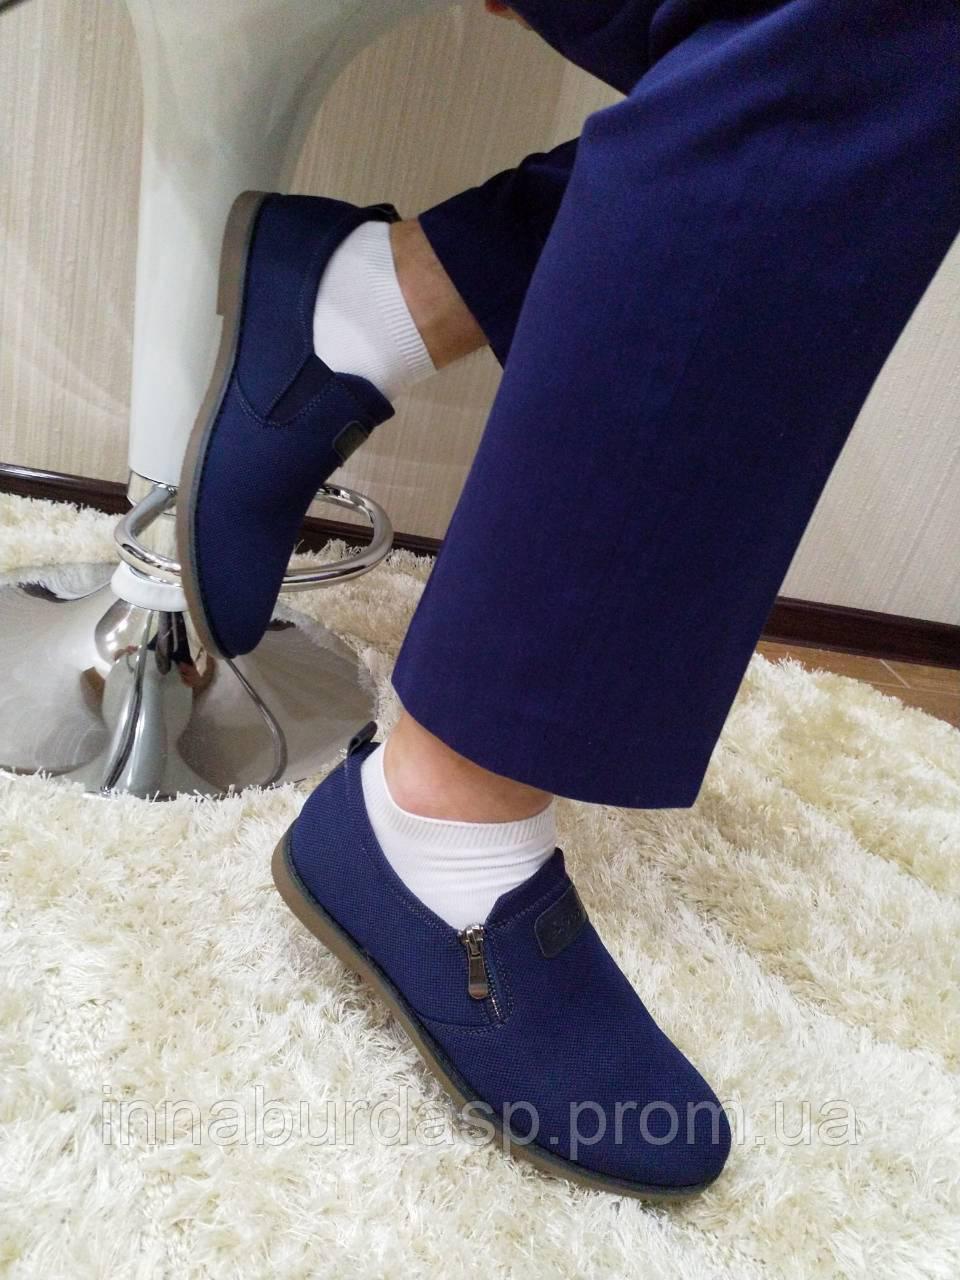 774e919273e Мужские темно-синие туфли на змейке  продажа